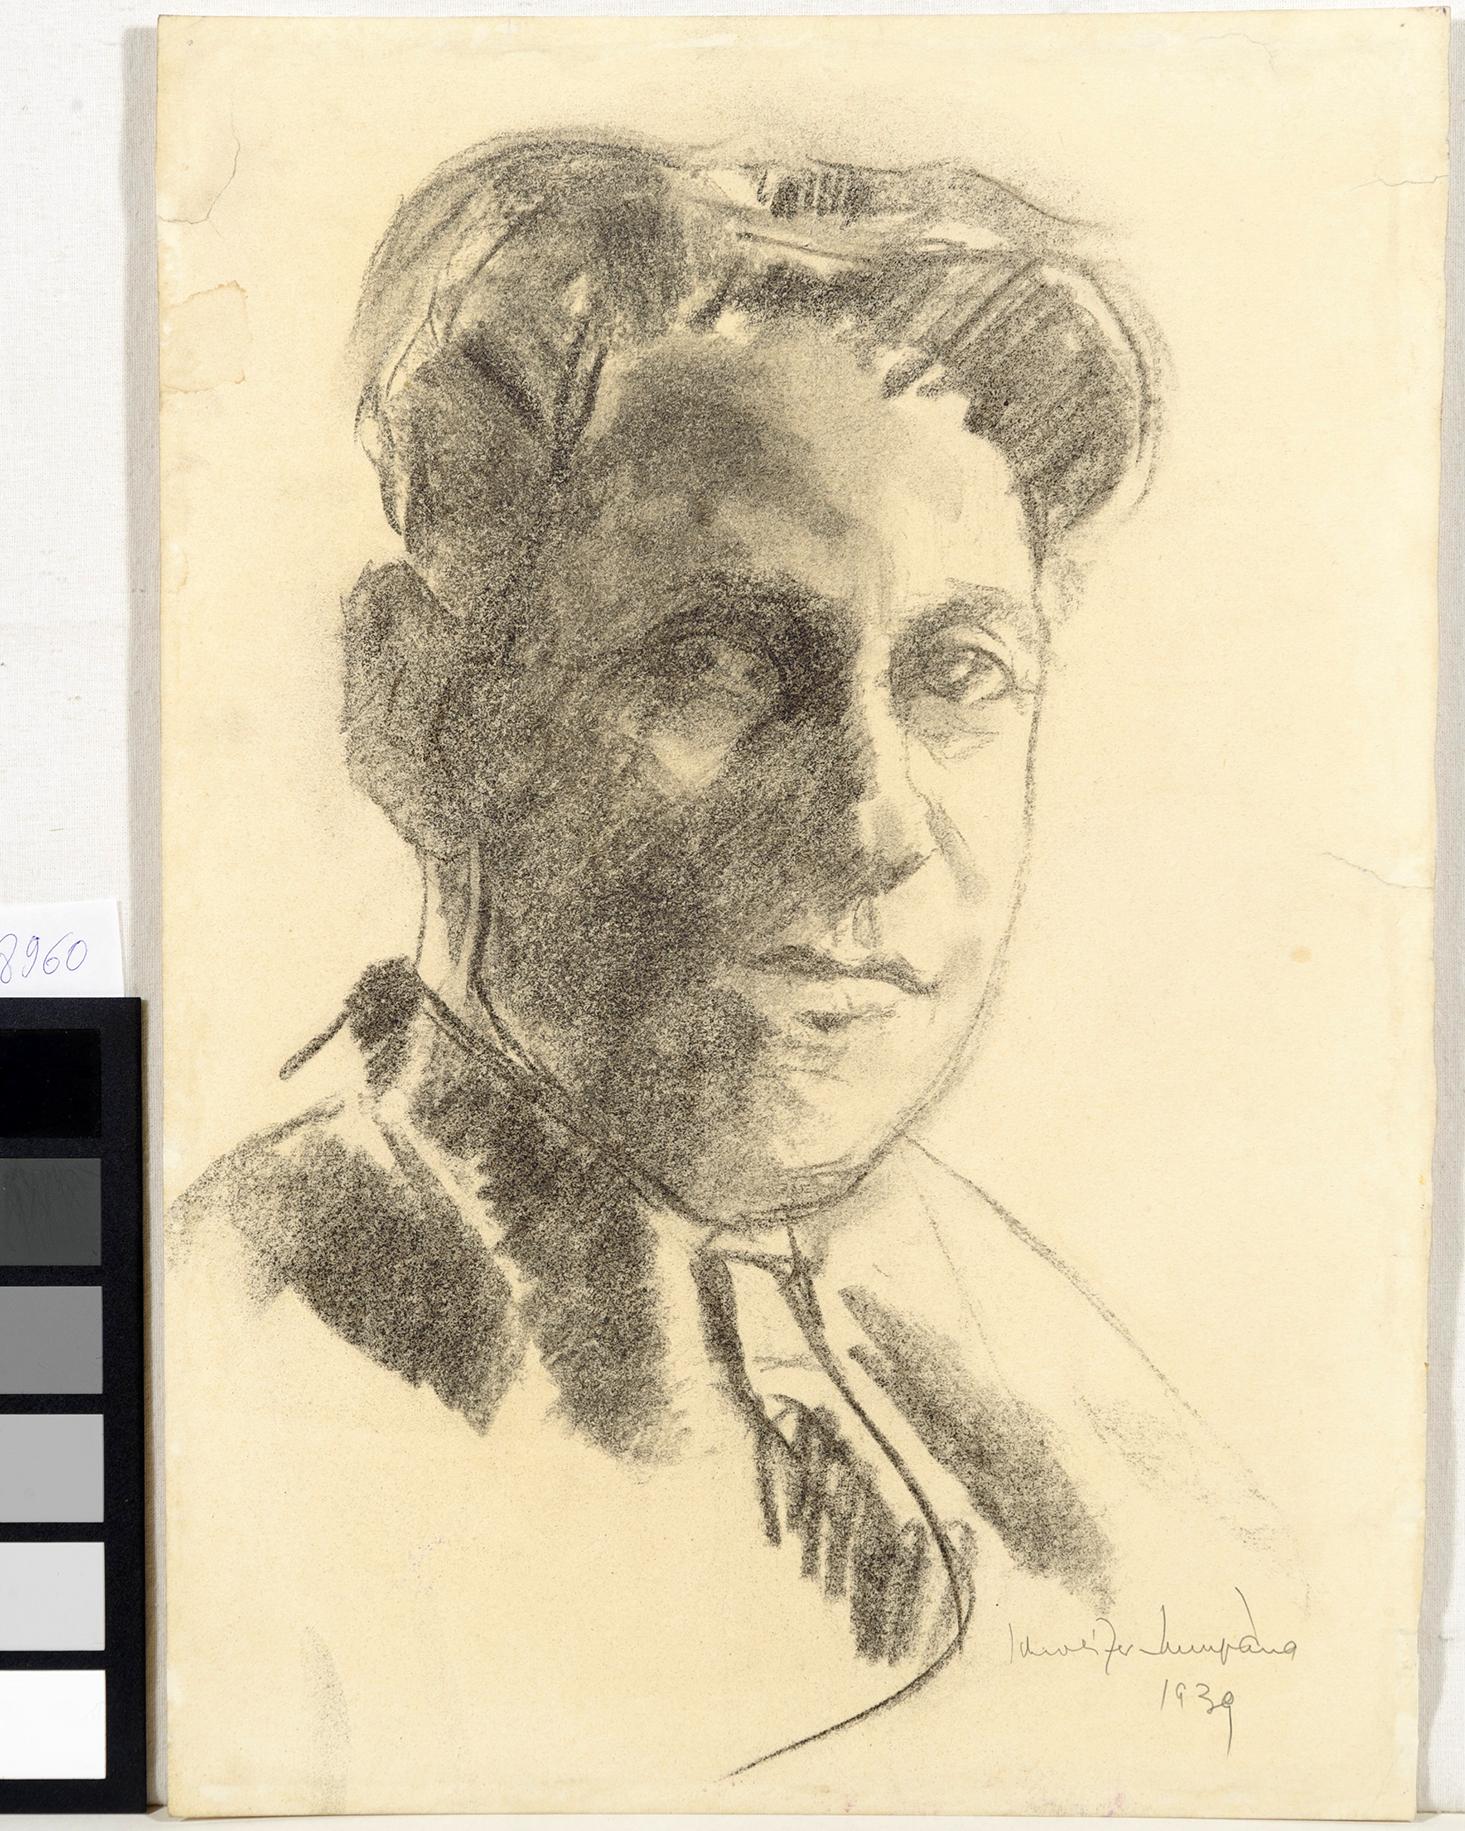 Desen; Schiţă - Schweitzer-Cumpăna, Rudolf; Portret de bărbat - Muzeul Naţional de Artă al României - BUCUREŞTI (Patrimoniul Cultural National Mobil din Romania. Ordin de clasare: 3933/21.11.2016 - Fond)